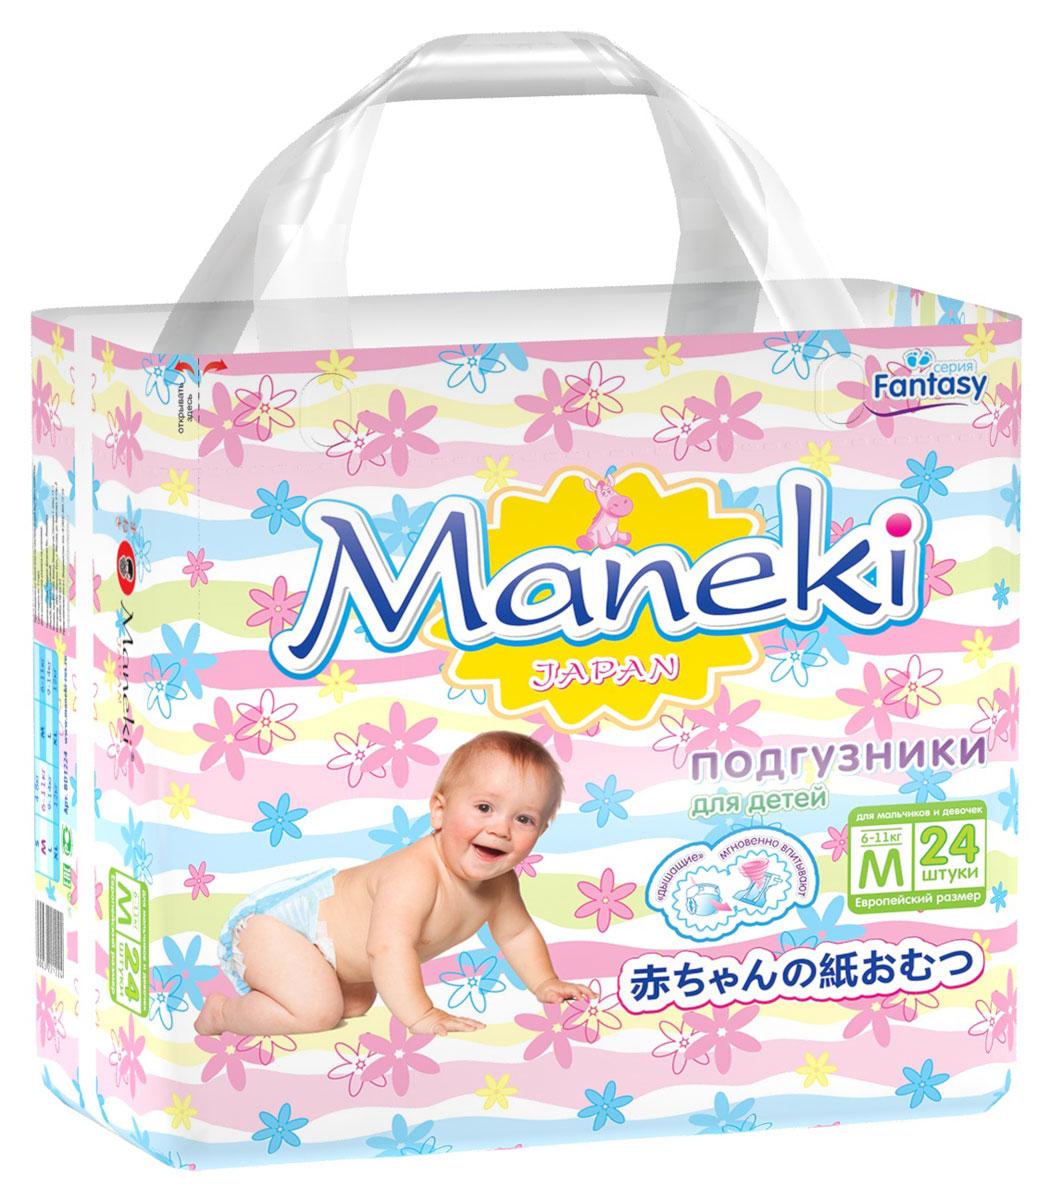 Maneki Подгузники детские одноразовые Mini размер M 6-11 кг 24 шт подгузники maneki fantasy xl 12 кг 48 шт